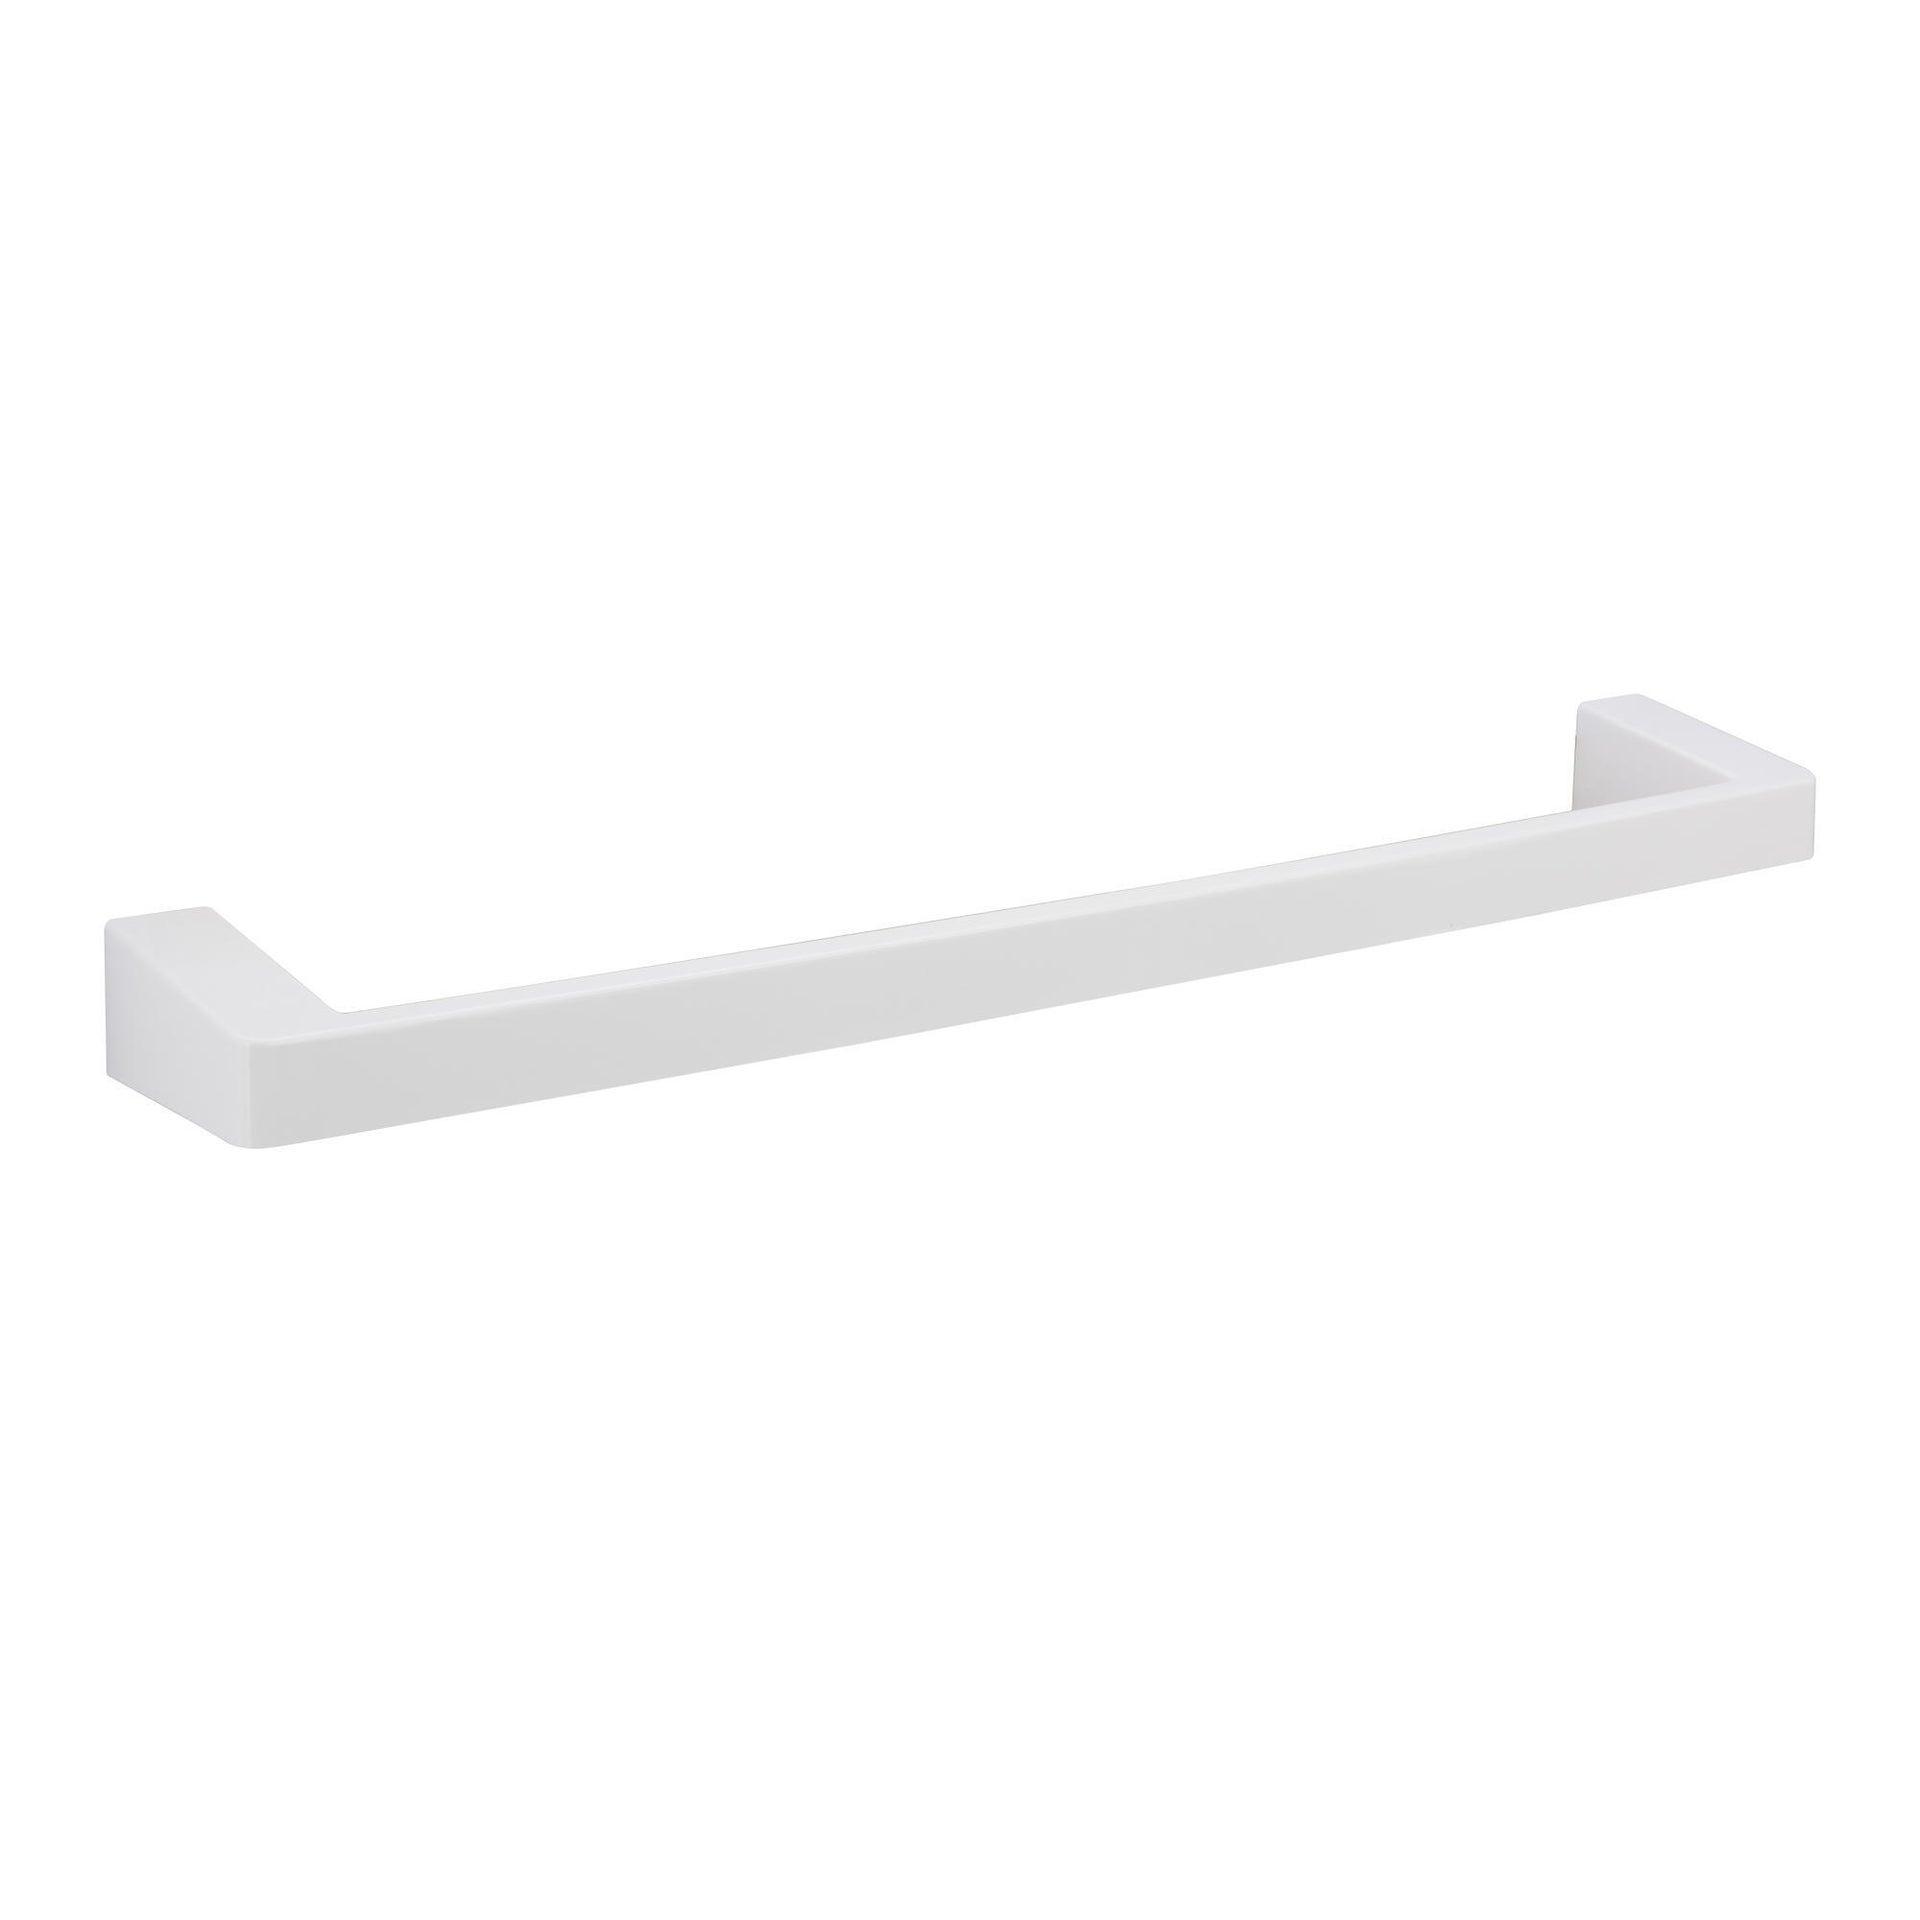 Porta salviette fisso a muro 1 barra lucido L 55 cm - 1